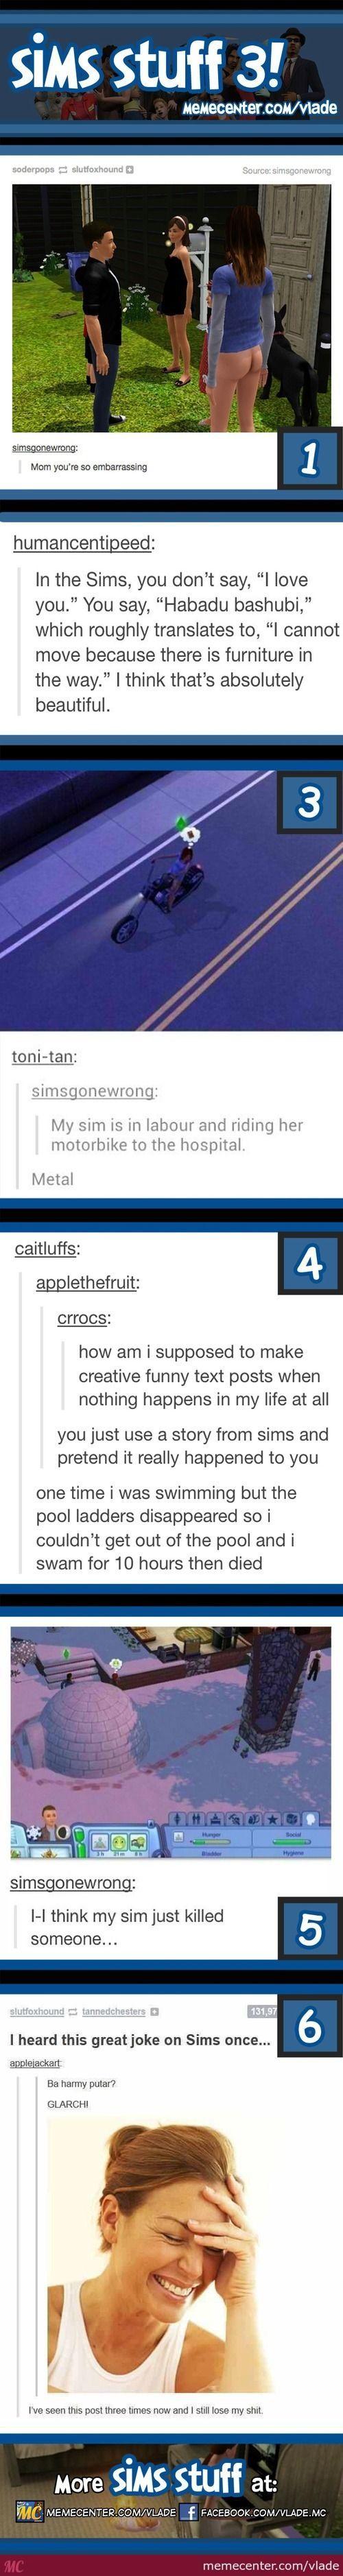 Tumblr on sims